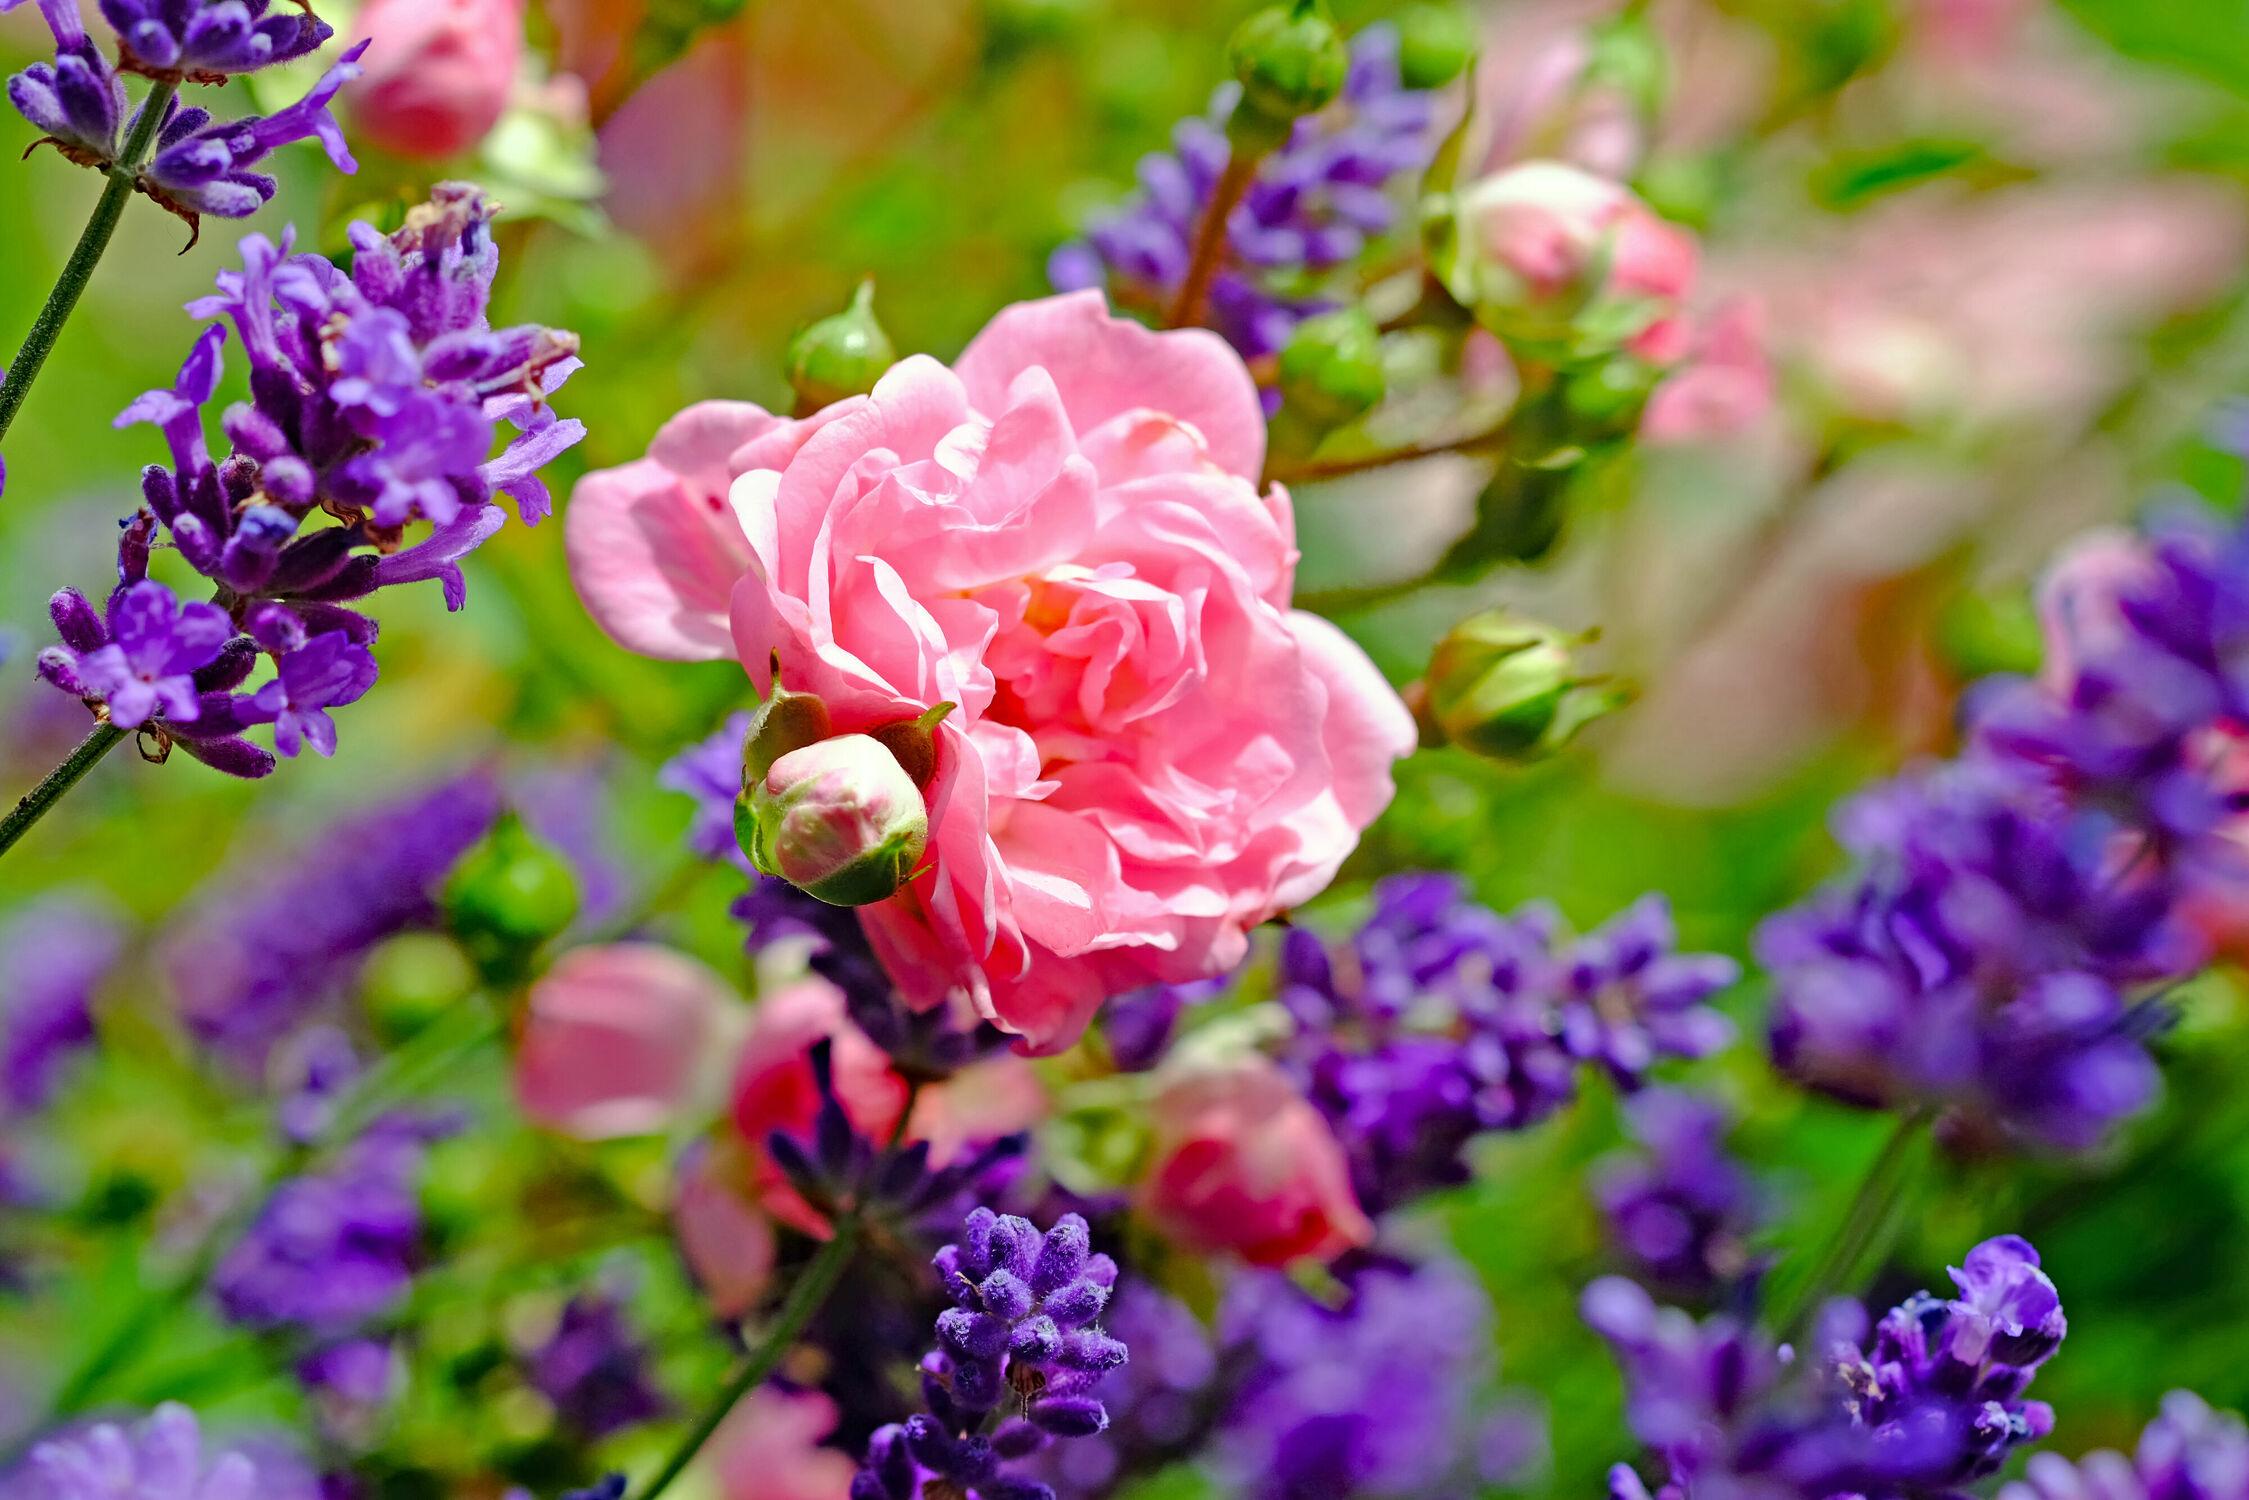 Bild mit Frühling, Herbst, Rosen, Lavendel, Sommer